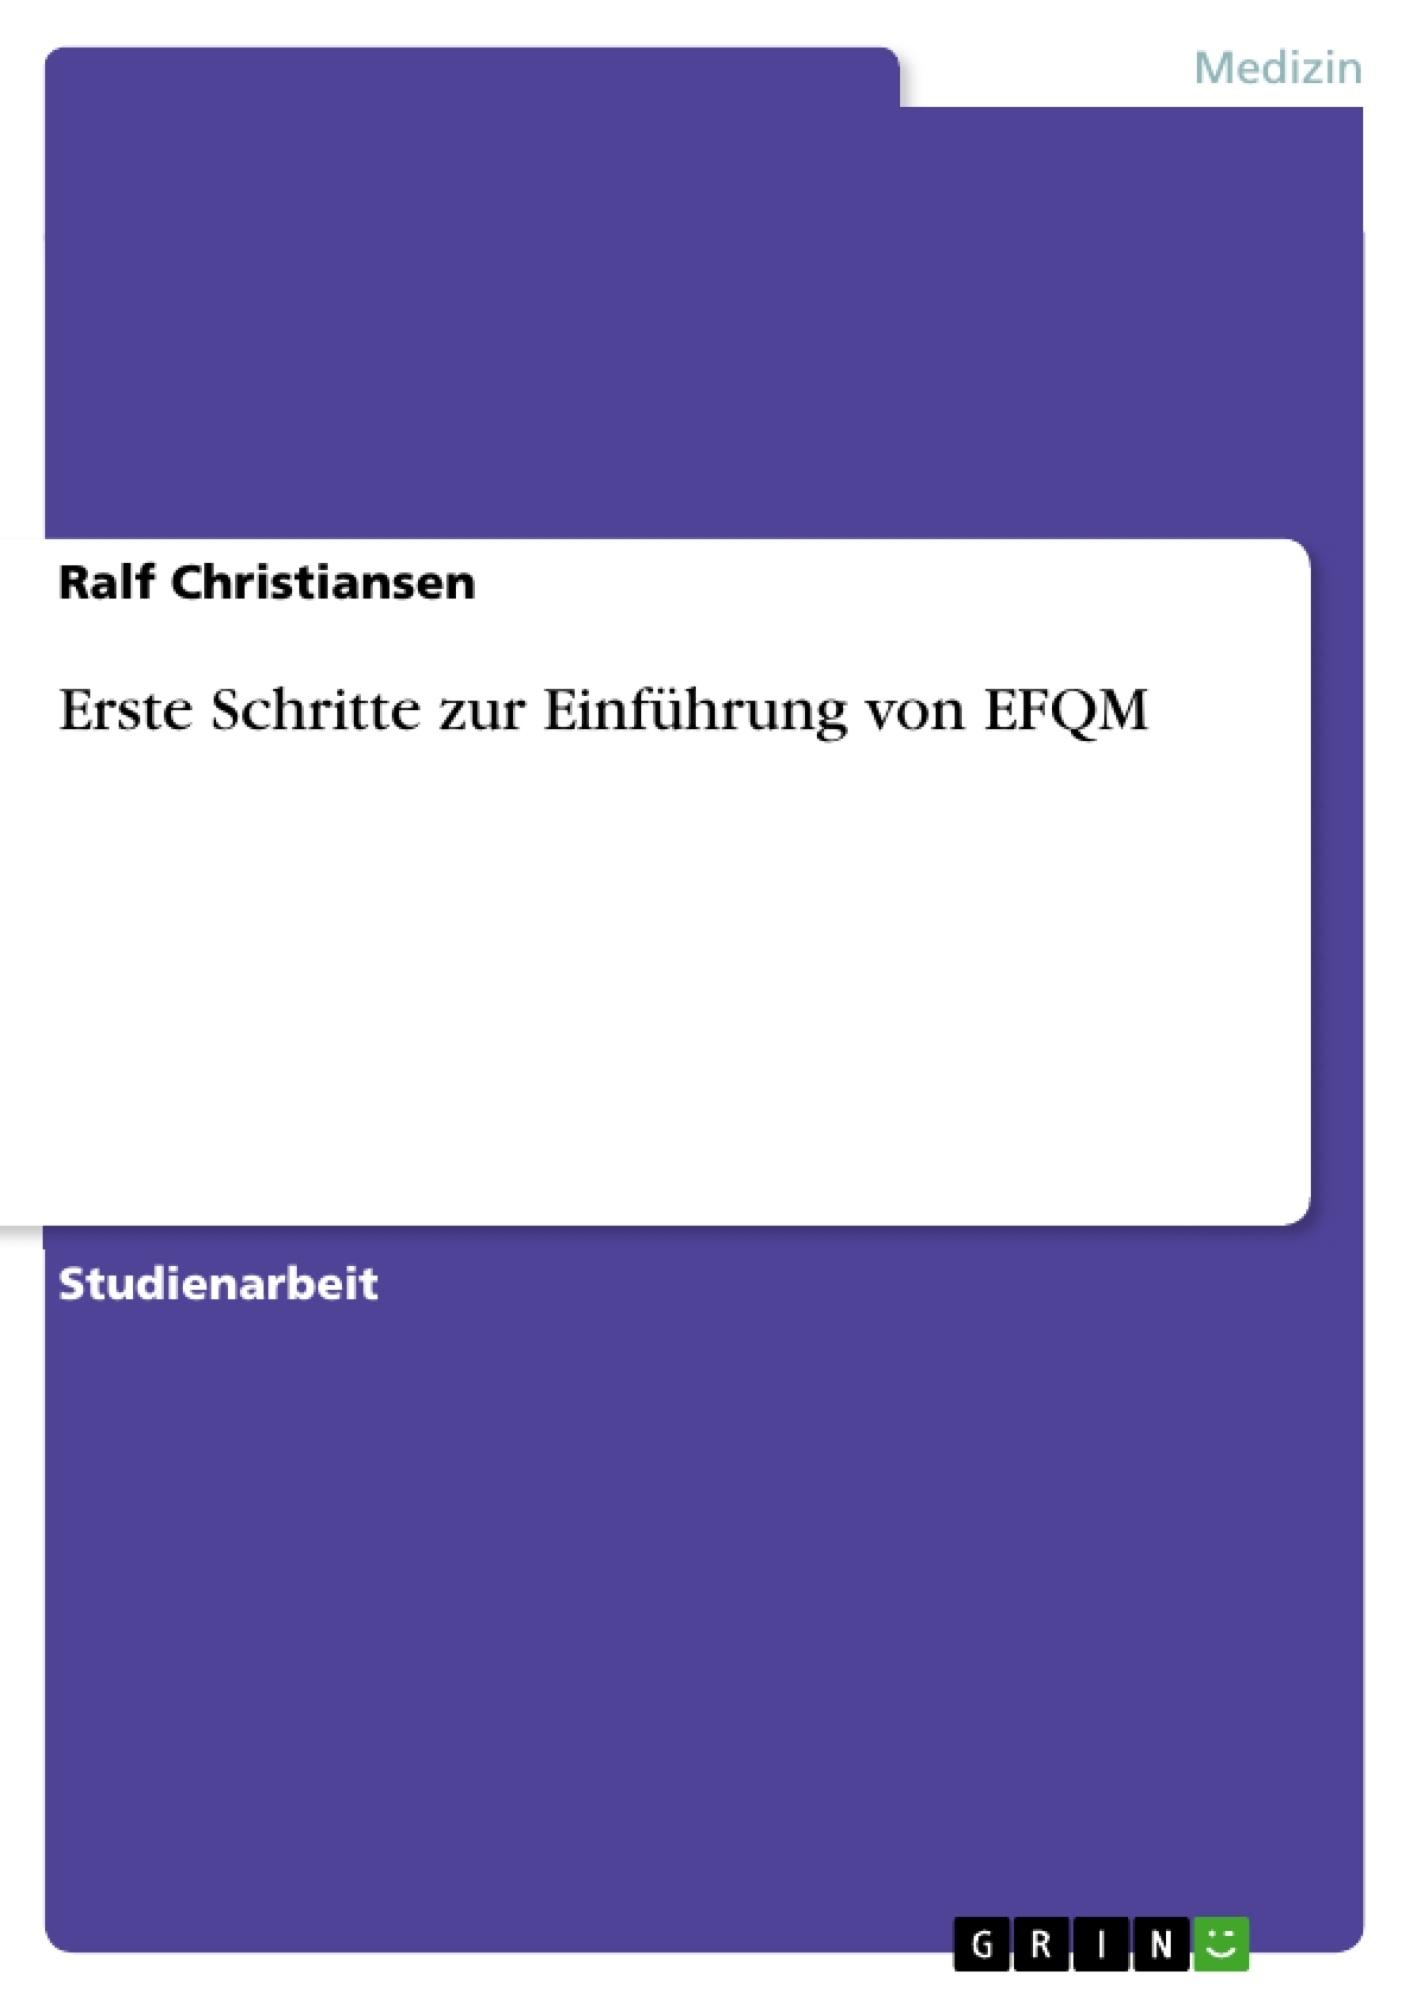 Titel: Erste Schritte zur Einführung von EFQM